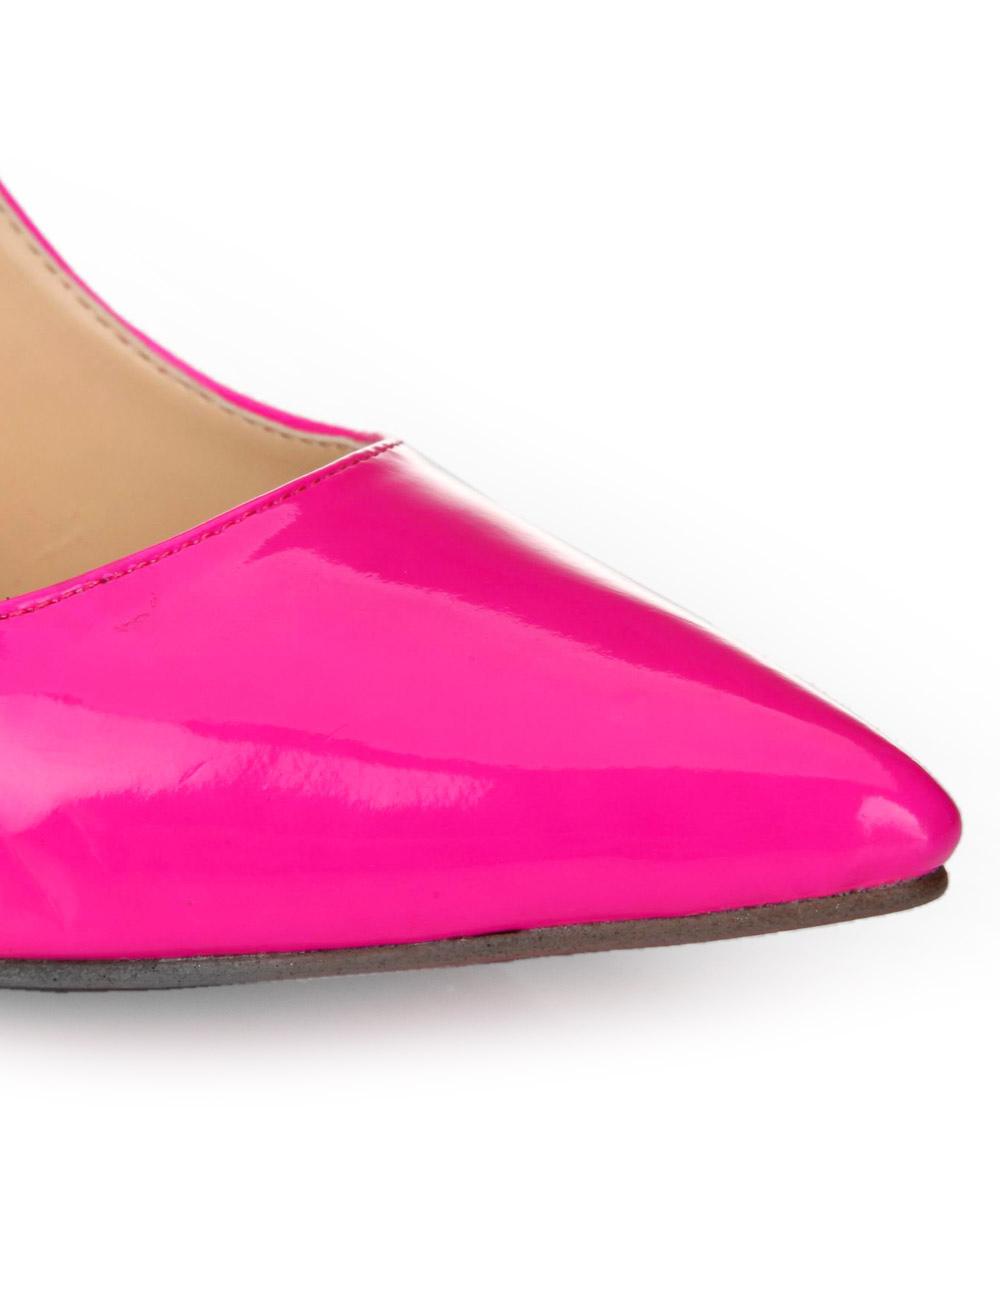 ... Negro Zapatos de Tacón Alto para Mujer 2019 Zapatos de Vestido con  Punta Puntiguada de Charol 67cb369a7bc1